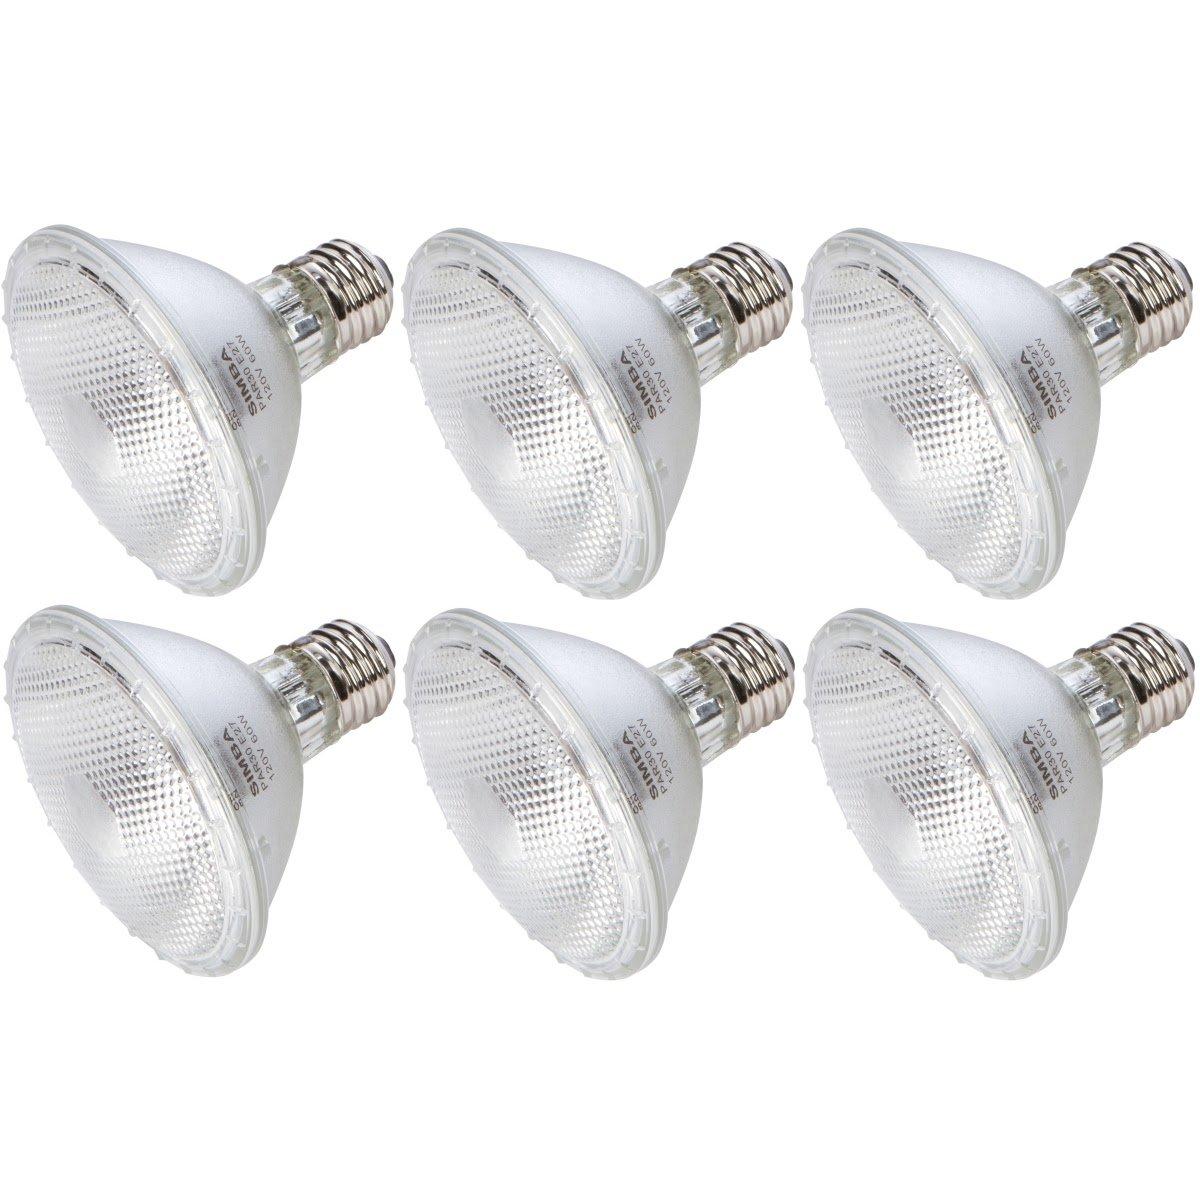 [6 Pack] Simba Lighting™ Halogen 60PAR30/FL 120V 60 Watt PAR30 Short Neck High Output (75W Replacement) Flood Light PAR 30 Bulbs Soft White E26 Medium Base